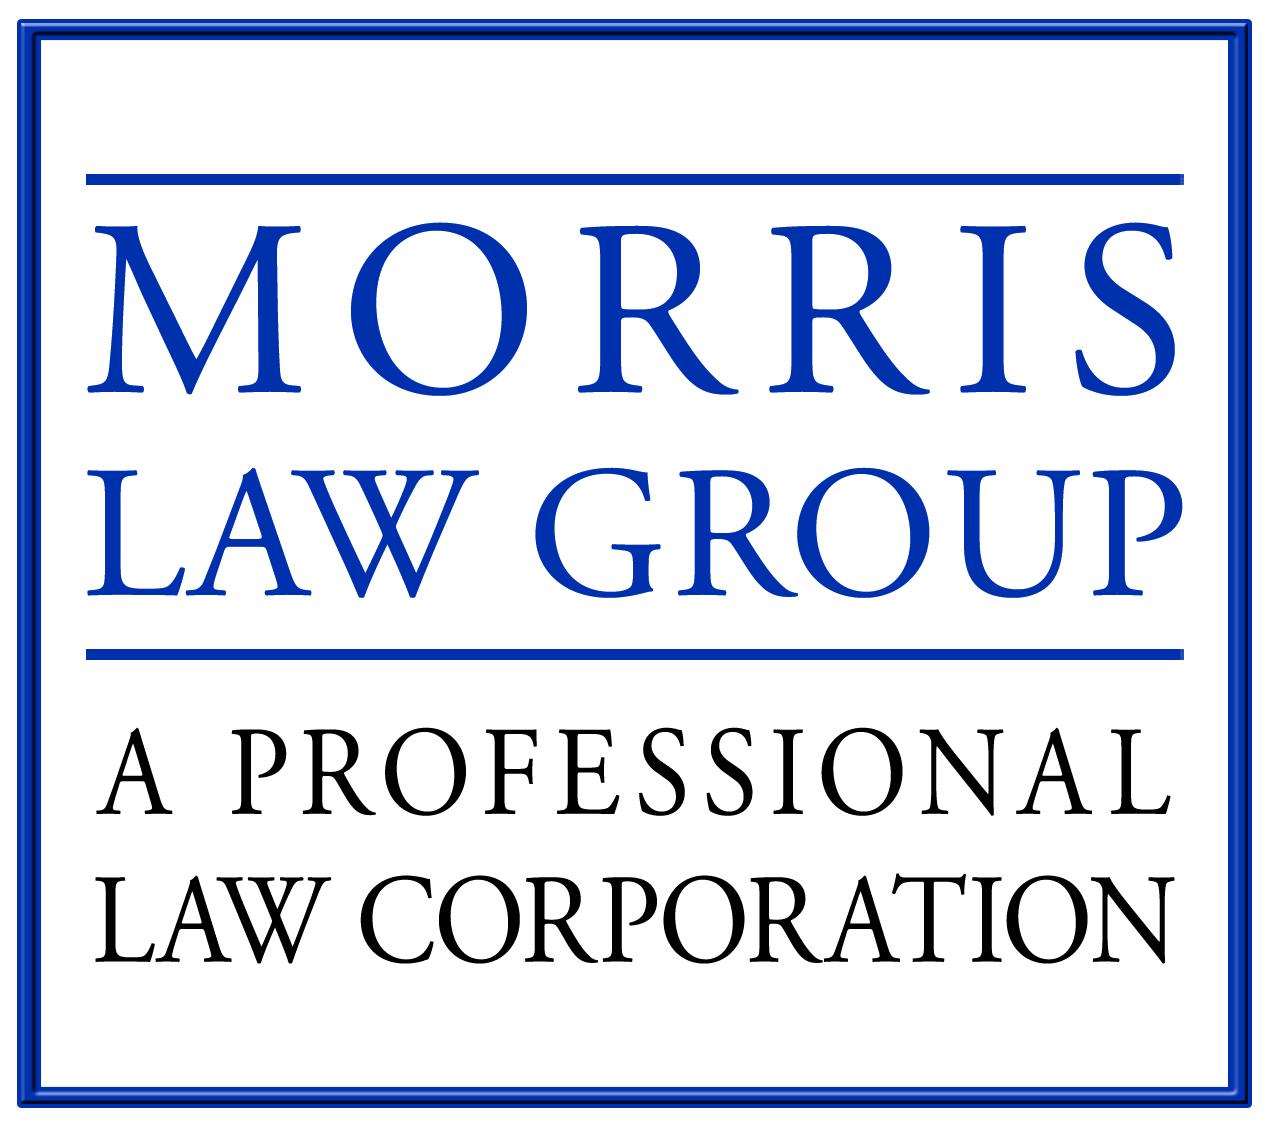 Morris Law Group, PLC